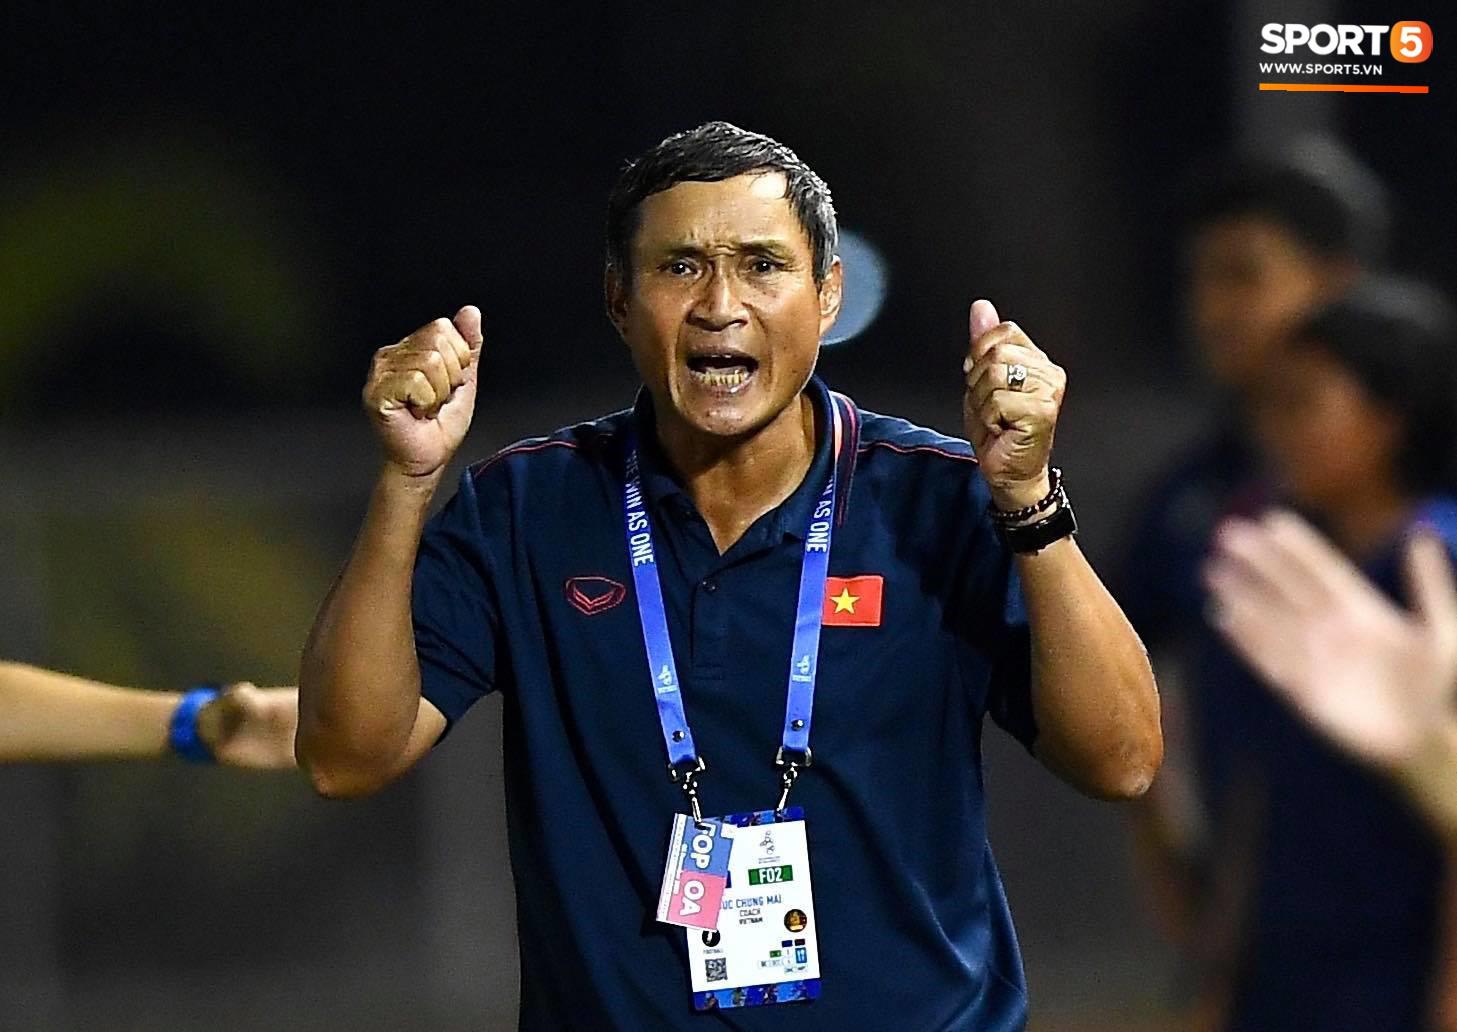 Chuyện HLV trưởng lỡ miệng làm lộ tin động trời, cả nước biết tuyển thủ Việt Nam mang bầu vẫn giành HCV SEA Games - Ảnh 1.